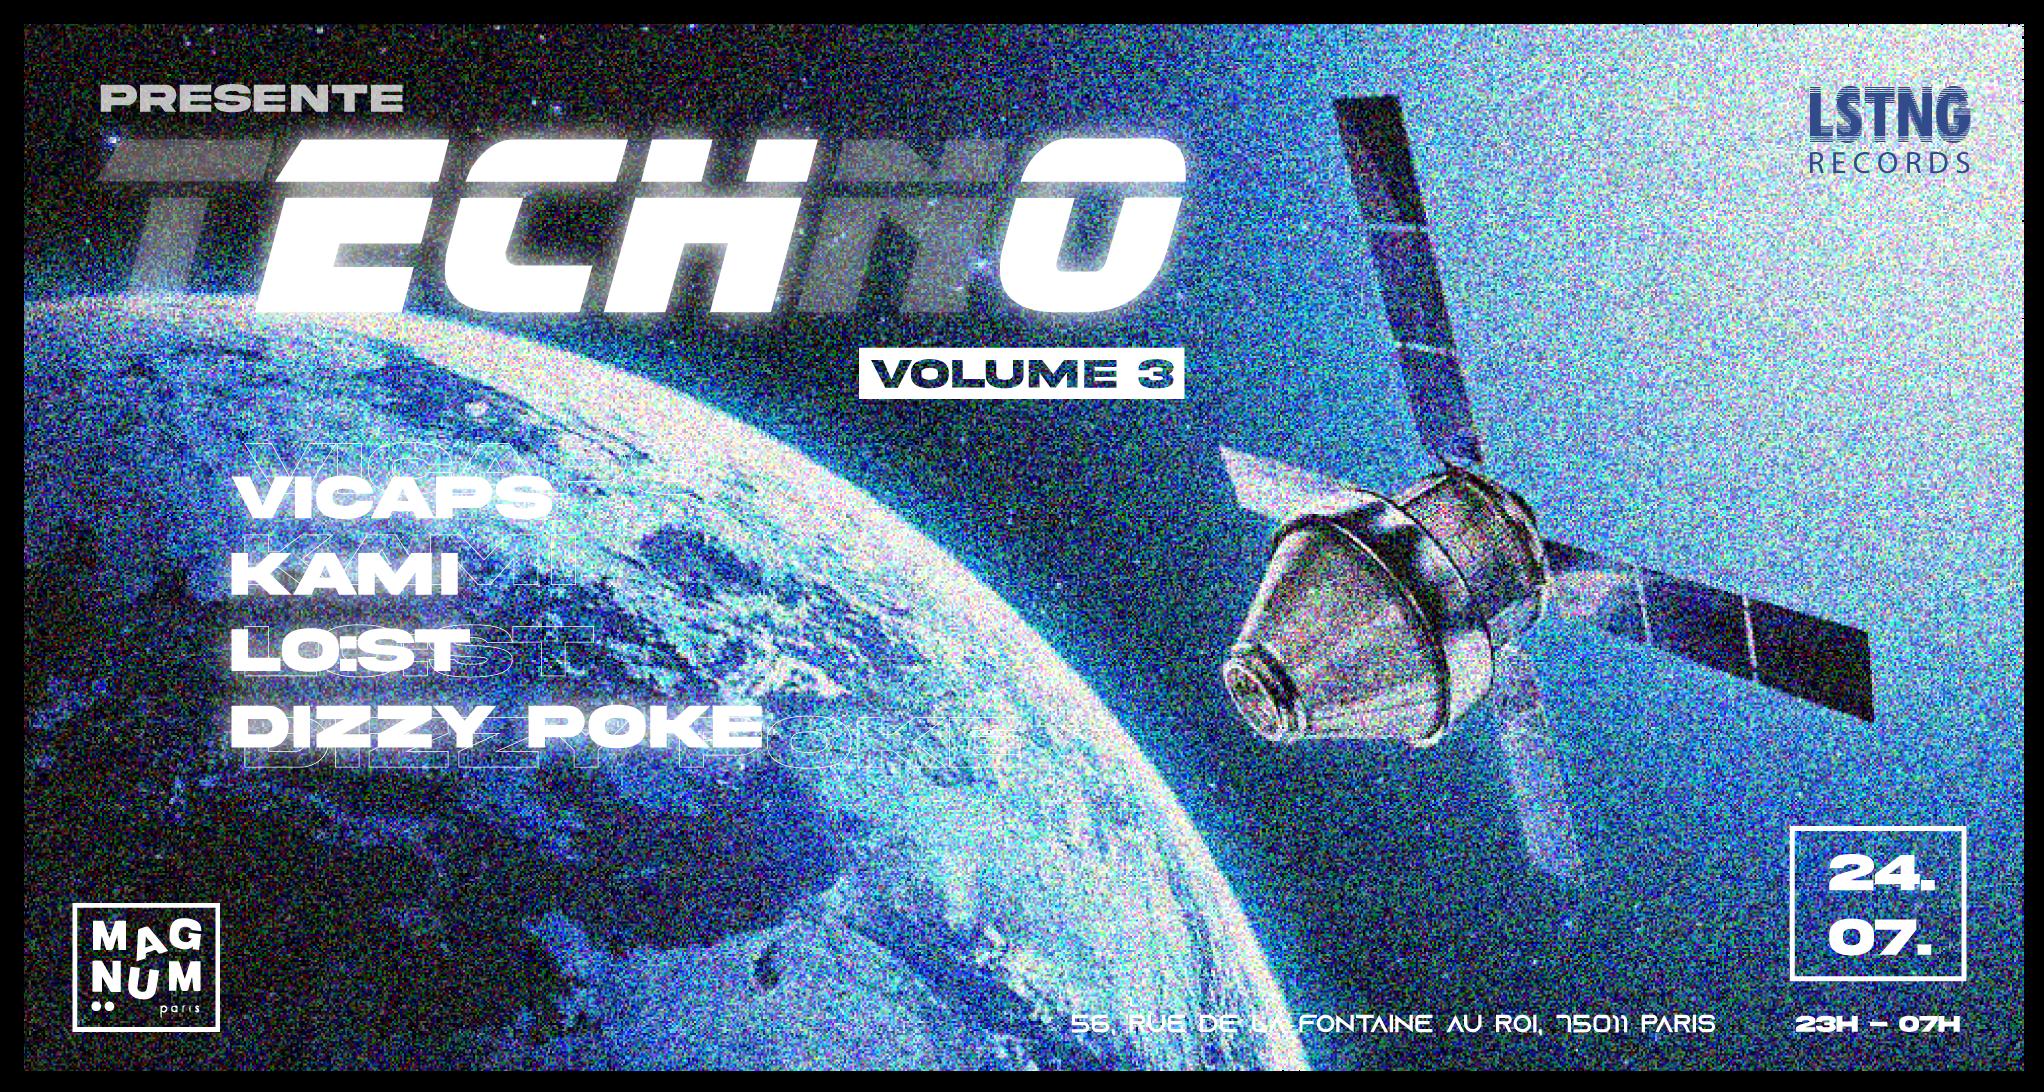 ECHO Vol.3: Vicaps, KAMI., Dizzy Poke, LO:ST, Sosthène